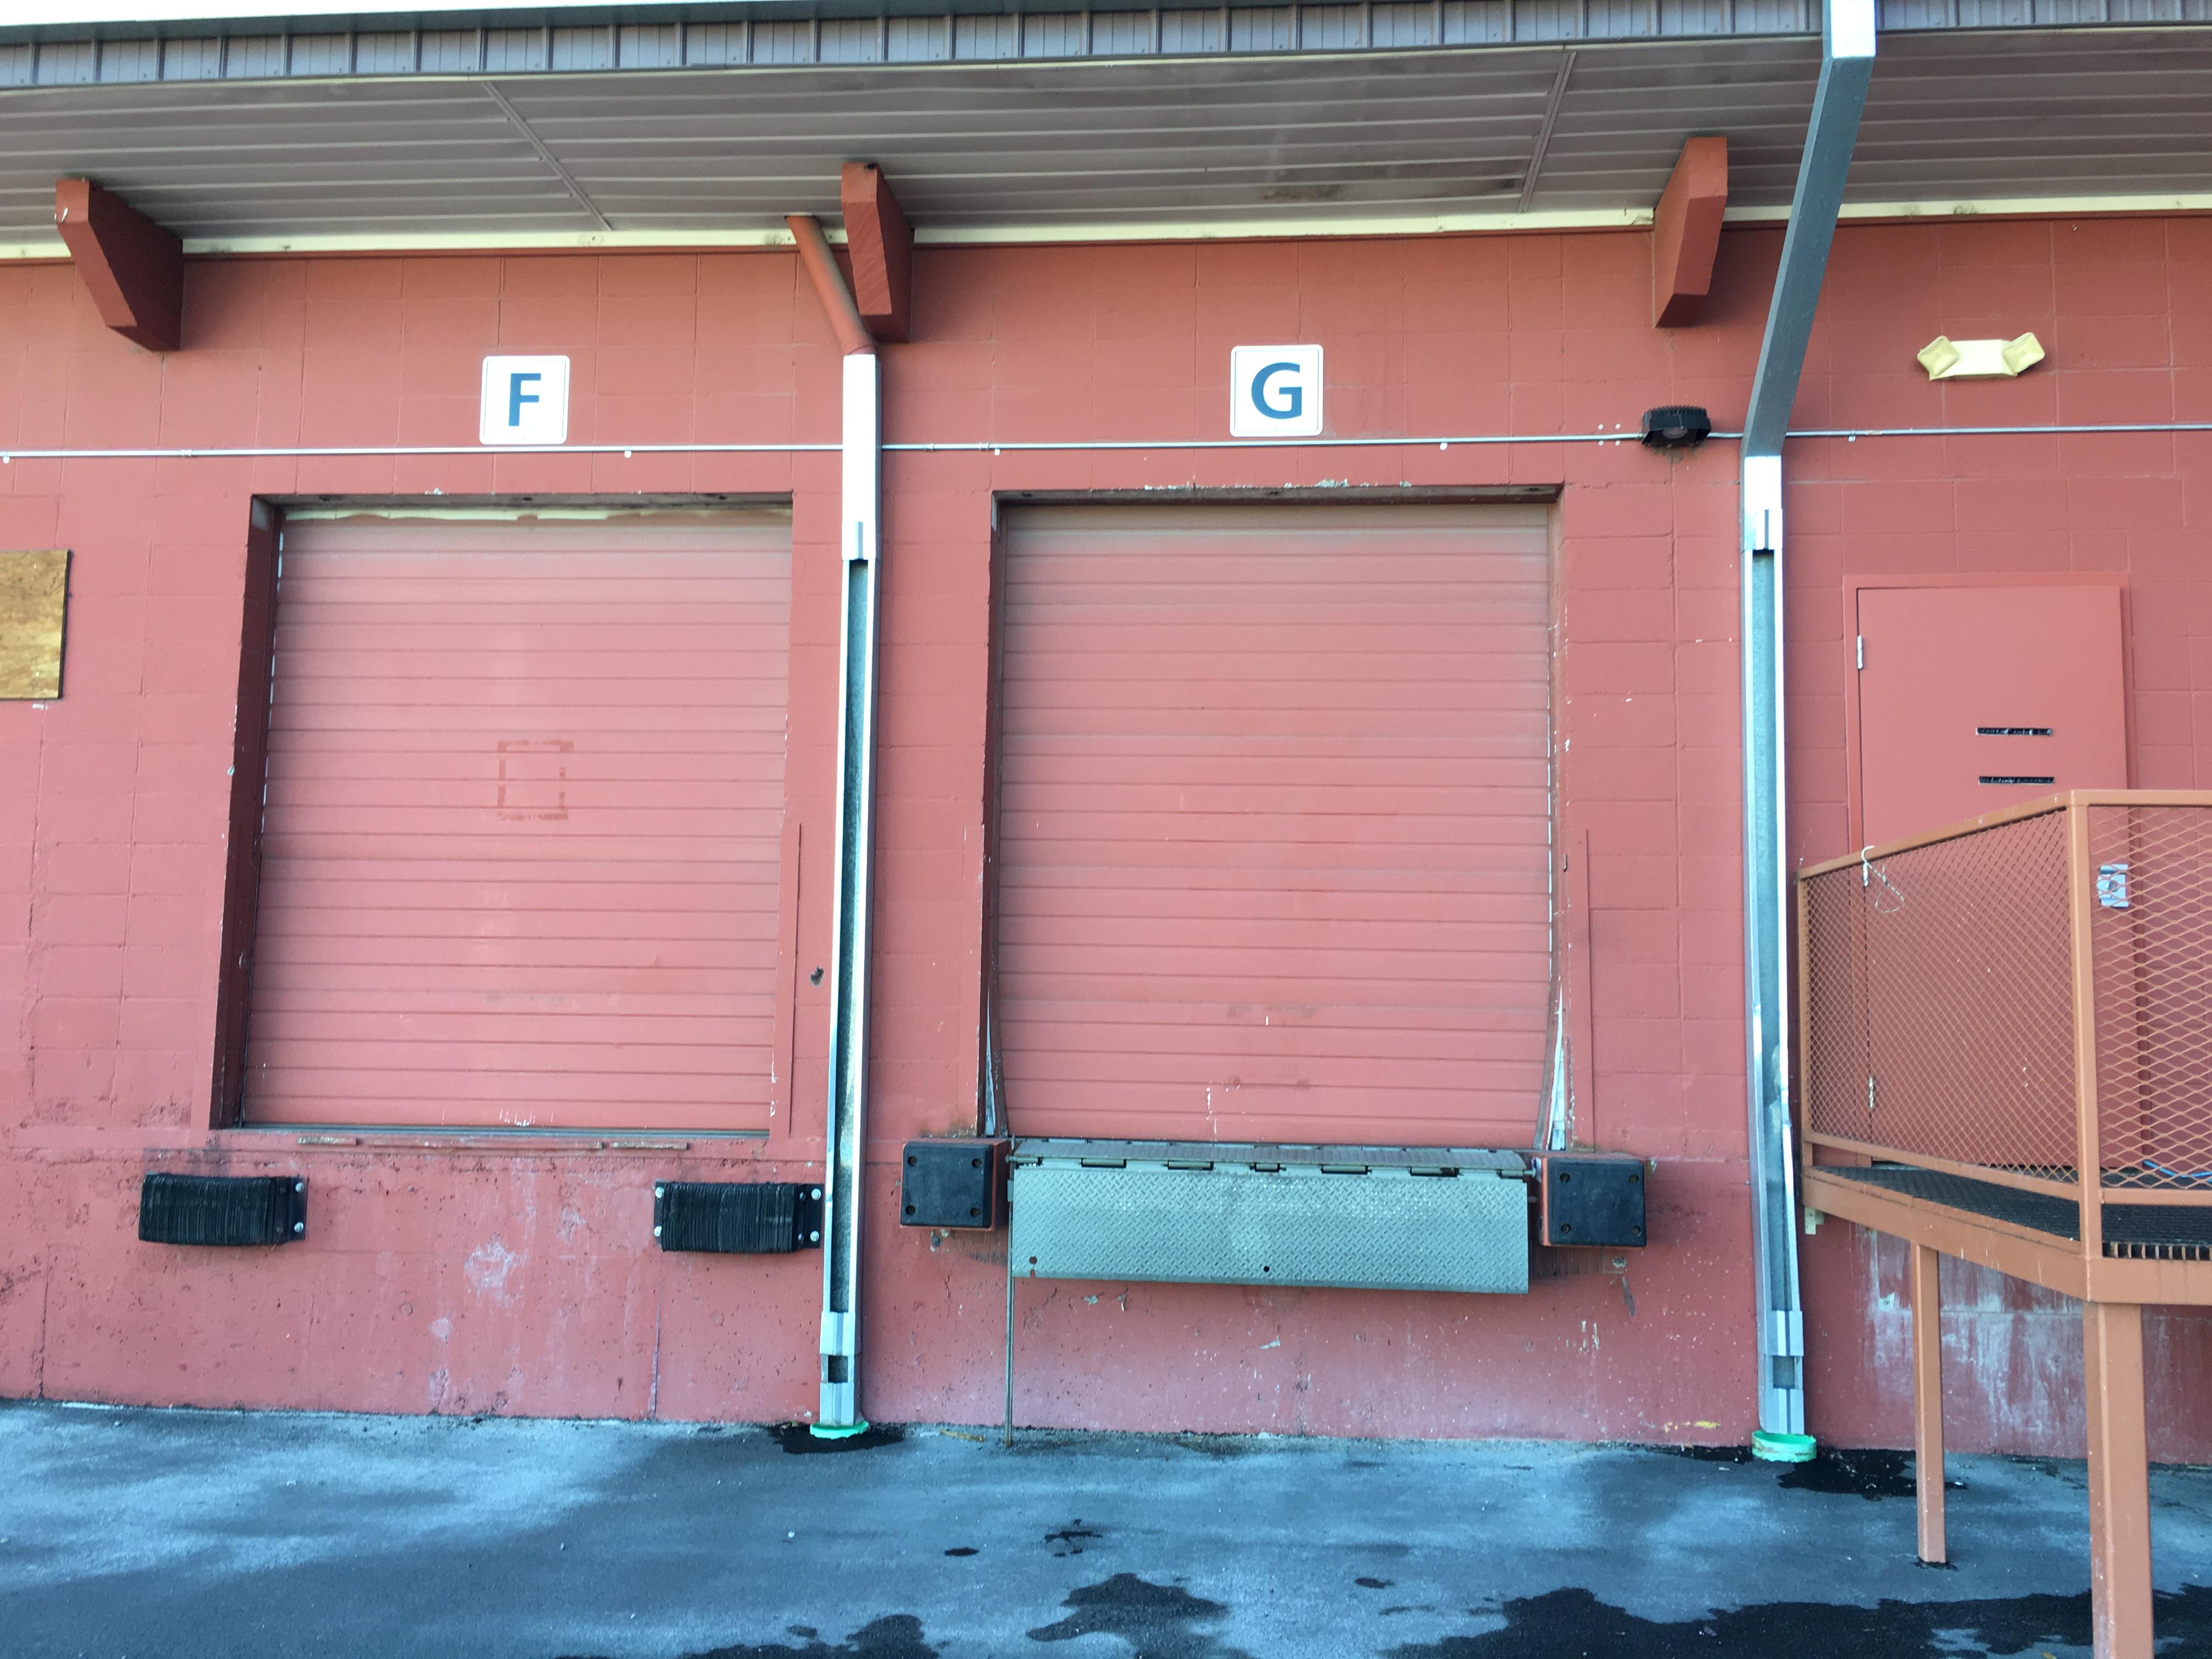 Dockdoors